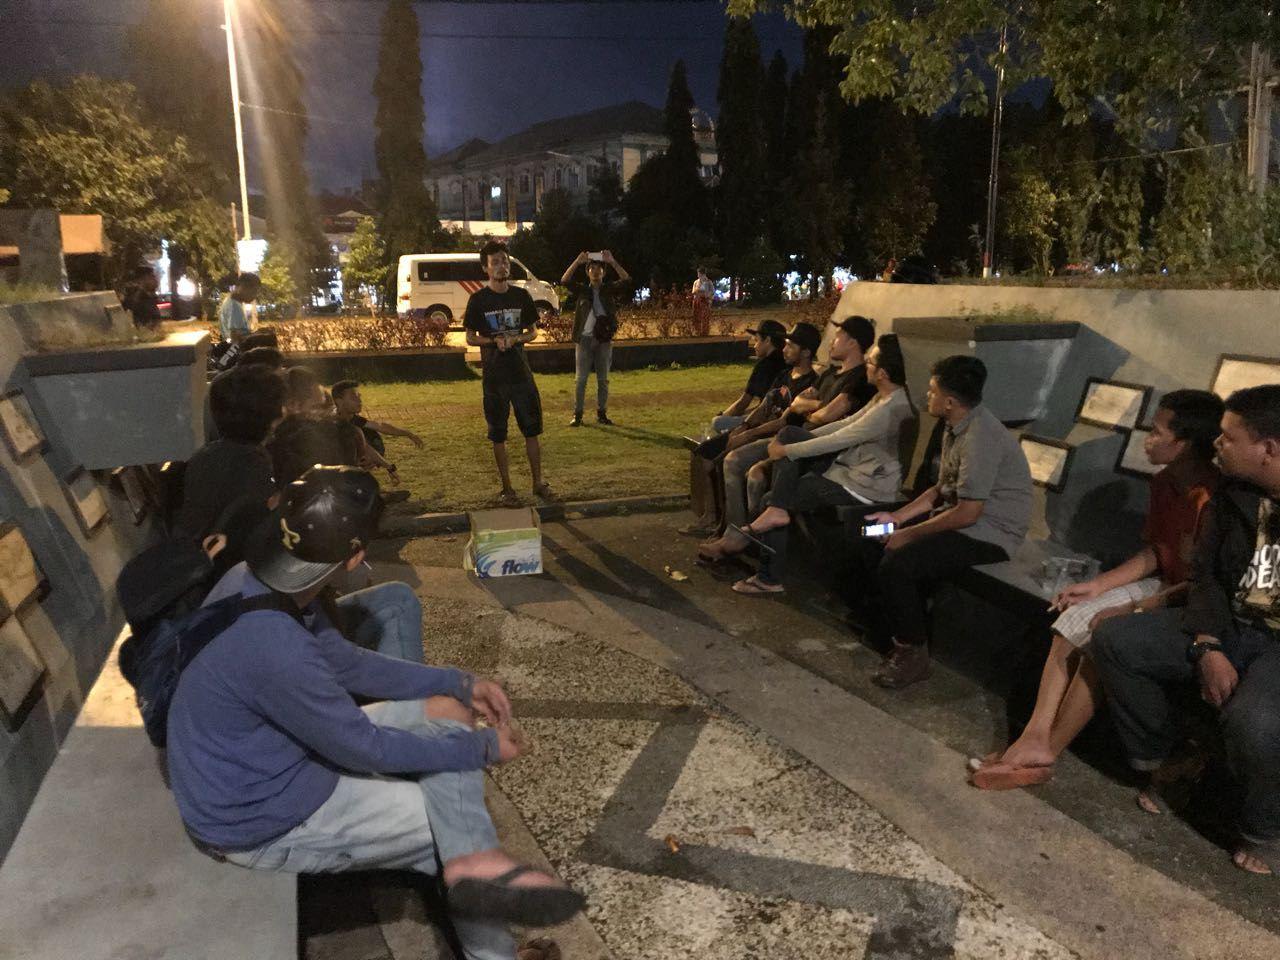 Event Komunitas Jarkot Ramaikan Kota Ternate Gamalamanews Benteng Oranje